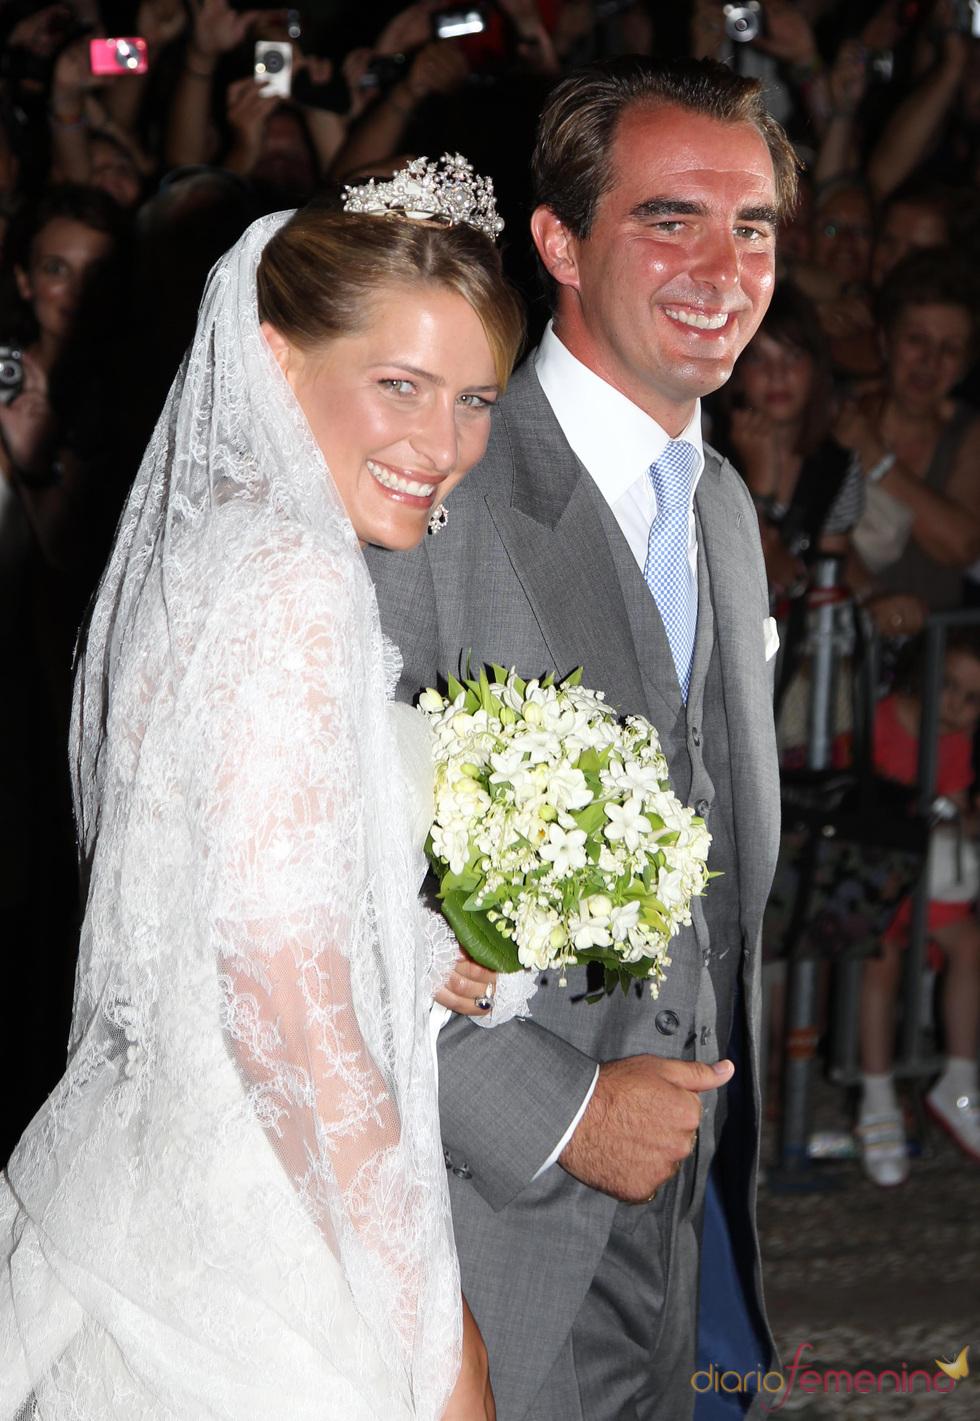 El vestido de novia de Tatiana Blatnik en la boda de Nicolás de Grecia